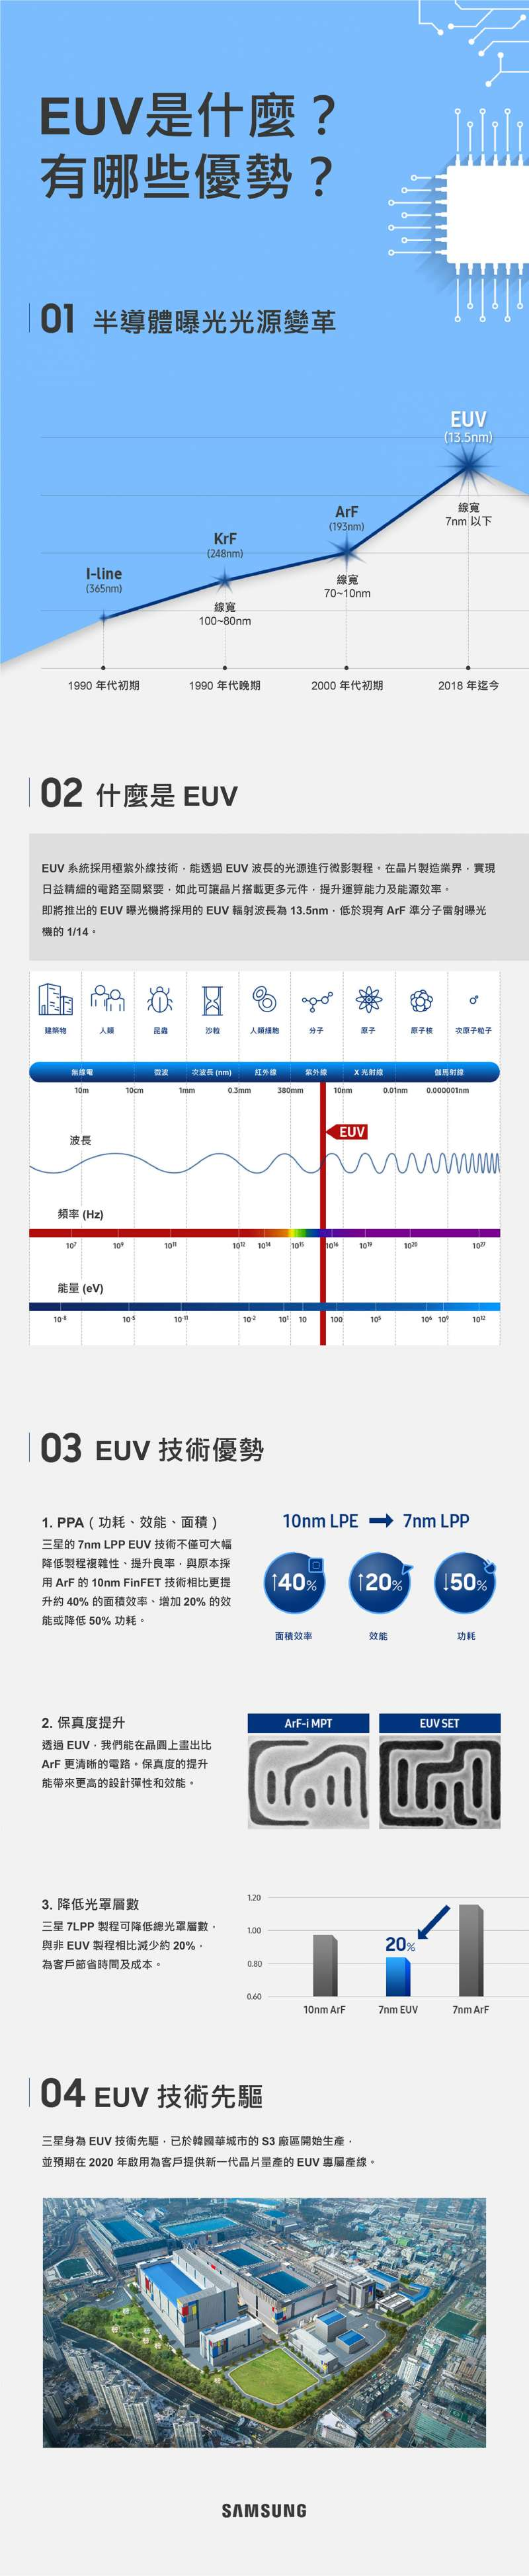 EUV製程開發、量產成本極高,放眼世界,只剩下英特爾、三星與台積電有資格參與競爭(圖片來源:台灣三星官網)